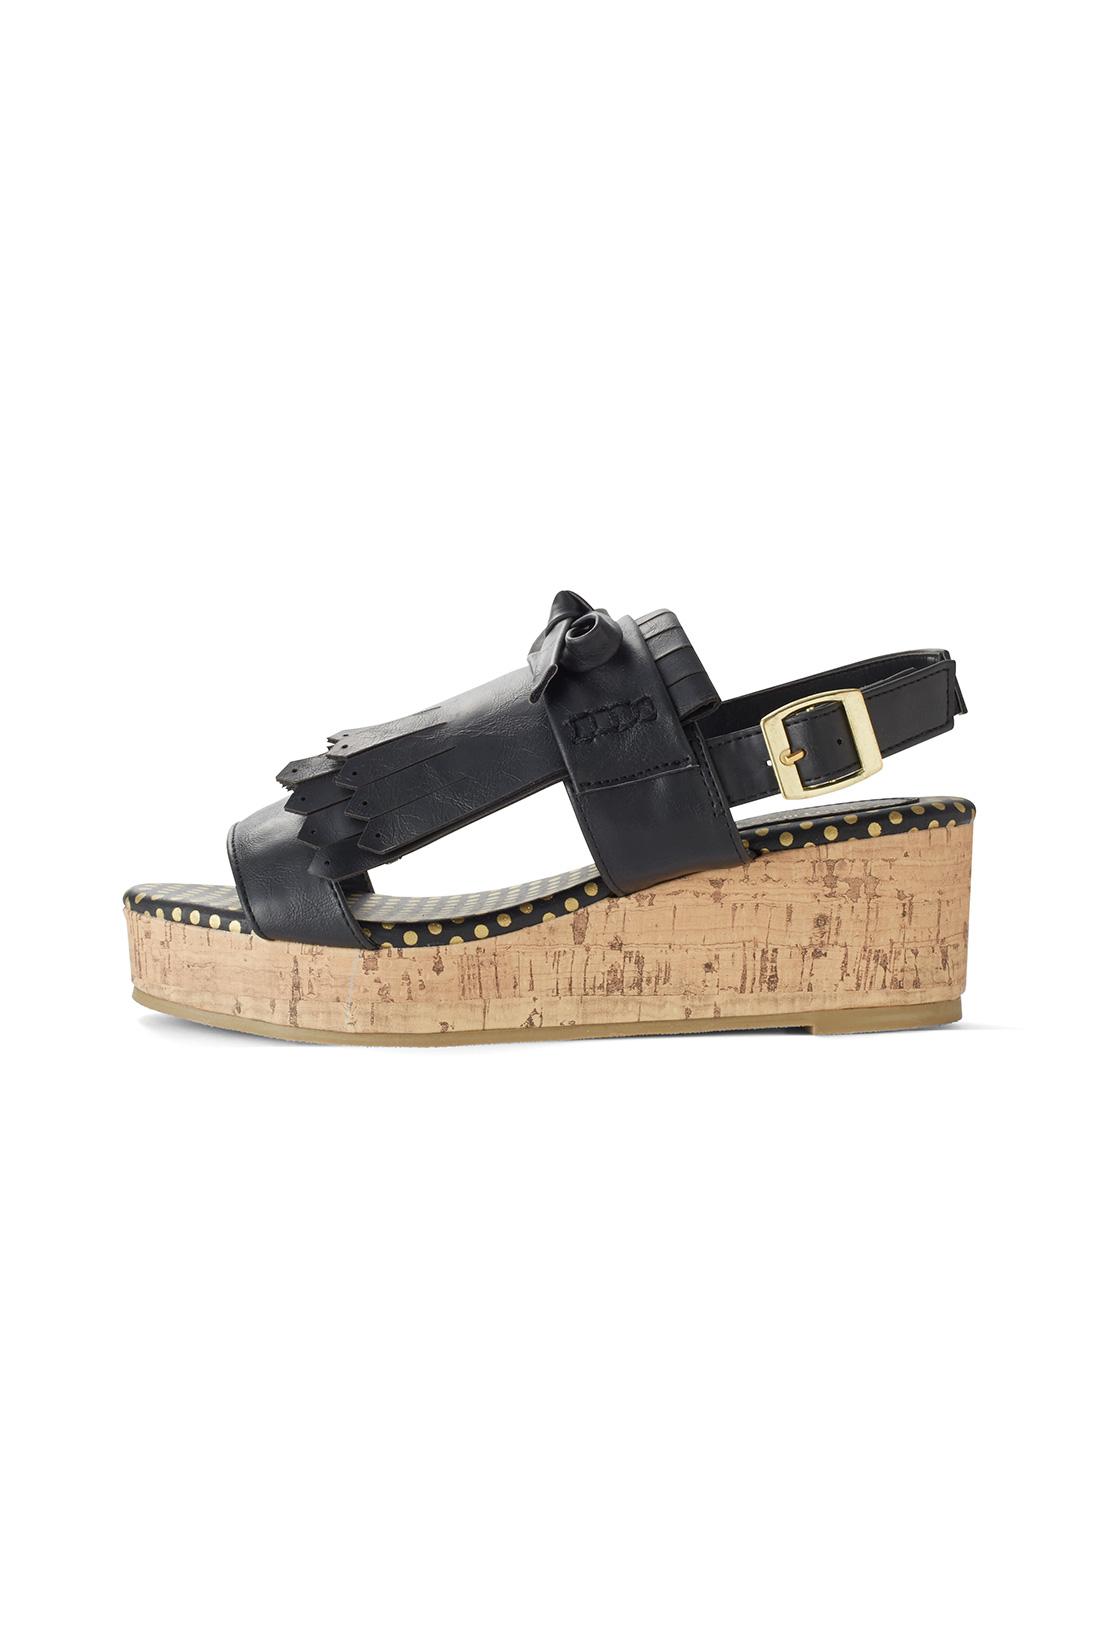 ウェッジソールは、前後の高低差が少ない仕様。スラリ脚長に見えて、安定感もあり歩きやすい。(前の高さ:約2.3cm・ヒールの高さ:約5.3~5.5cm)